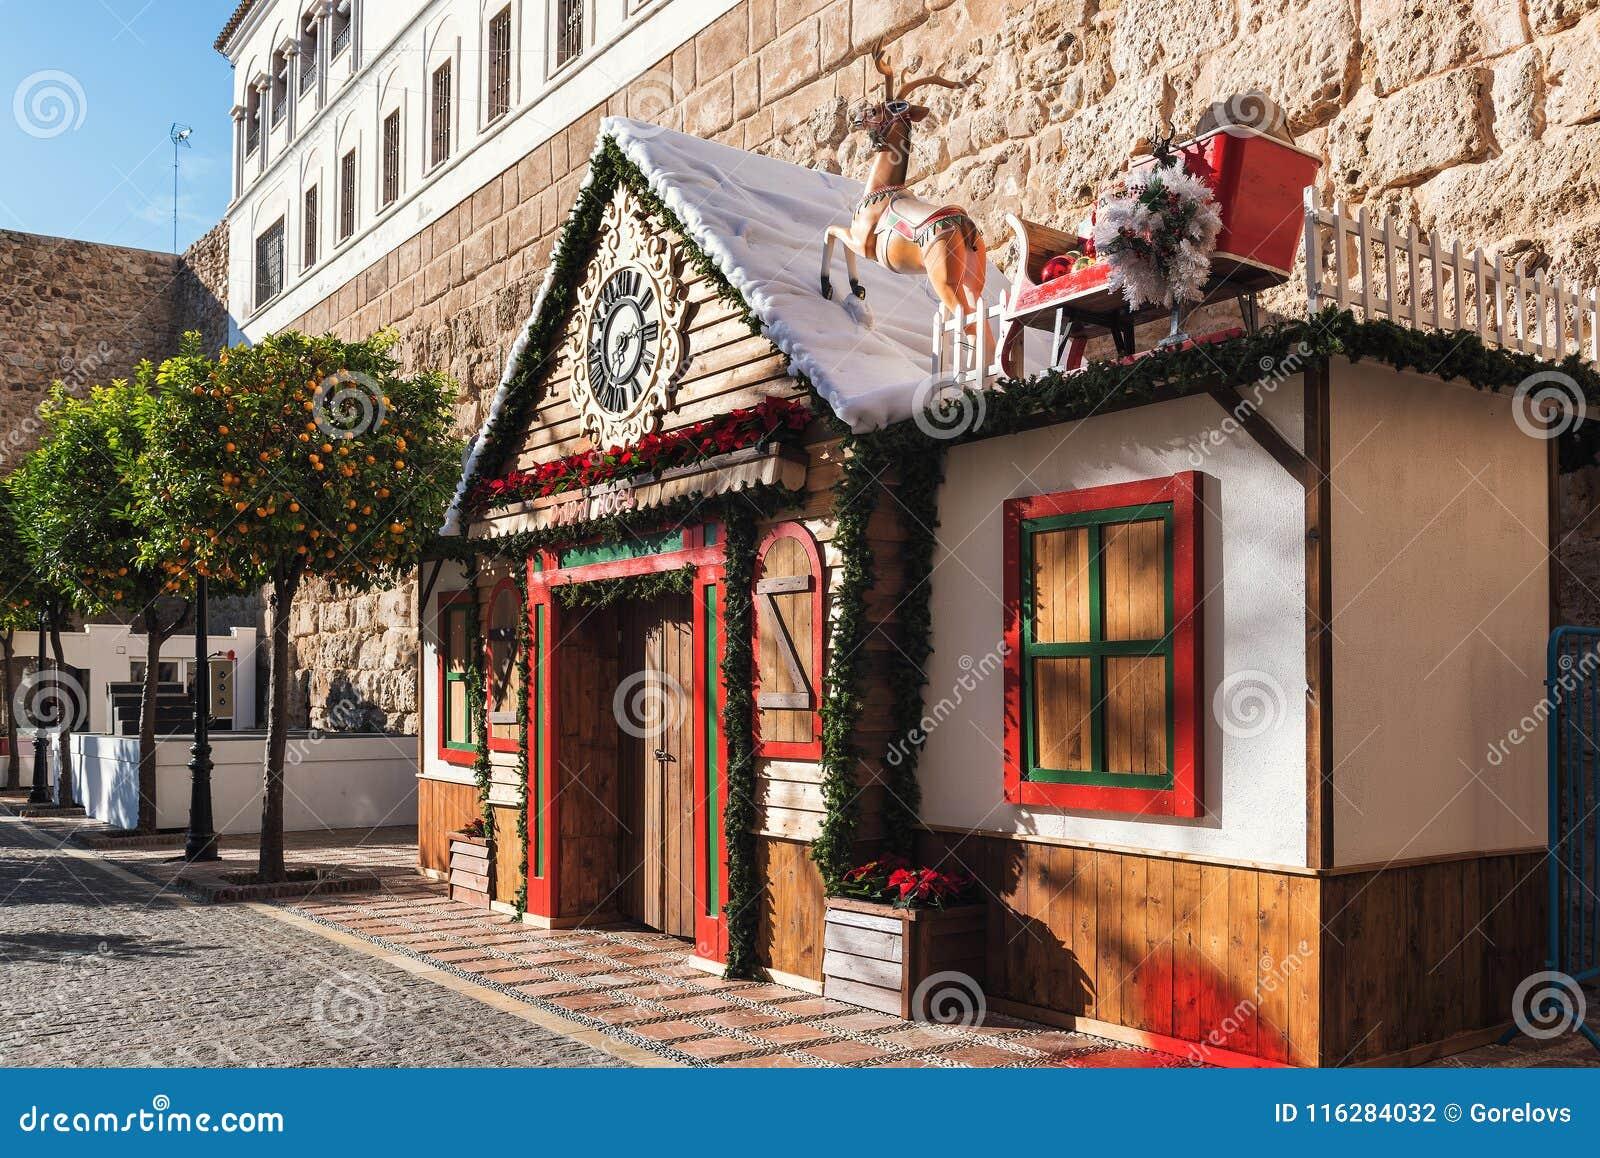 Σπίτι Χριστουγέννων που διακοσμείται με το έλκηθρο Santa ` s στη στέγη στο κεντρικό τετράγωνο της πόλης